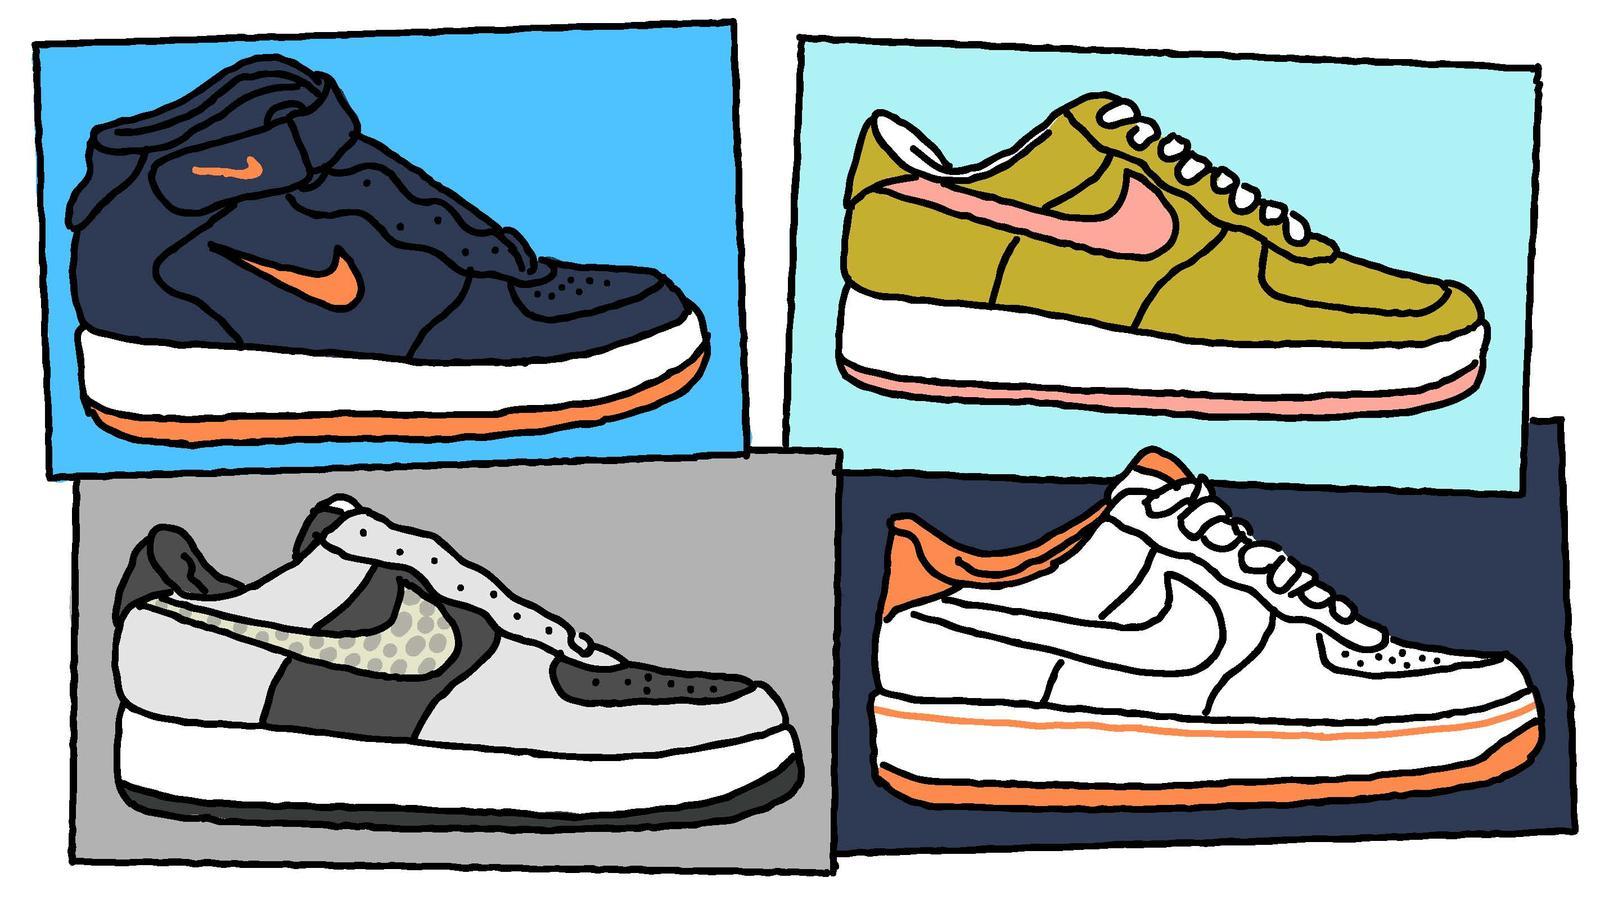 reputable site 19e73 68012 12 illustrazioni raccontano la storia delle Nike Air Force 1  Collater.al 5